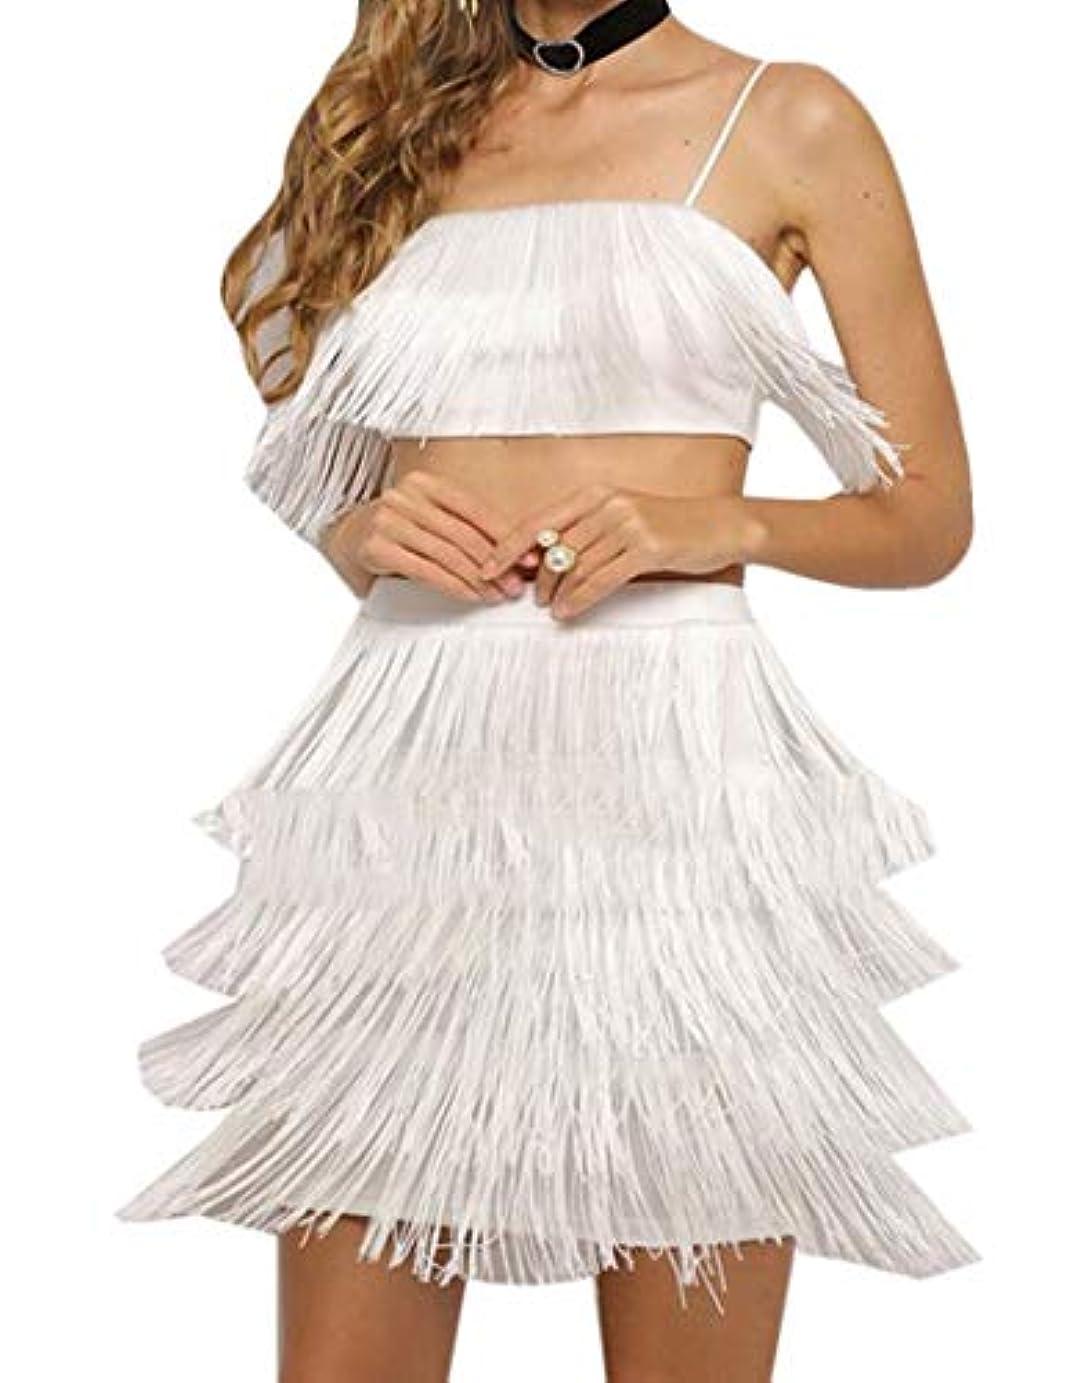 頭痛ブランチ癌Keaac Women Deep V Neck Fringe Strappy Skirts Sexy Outfits Clubwear Party Skirt 2 Piece